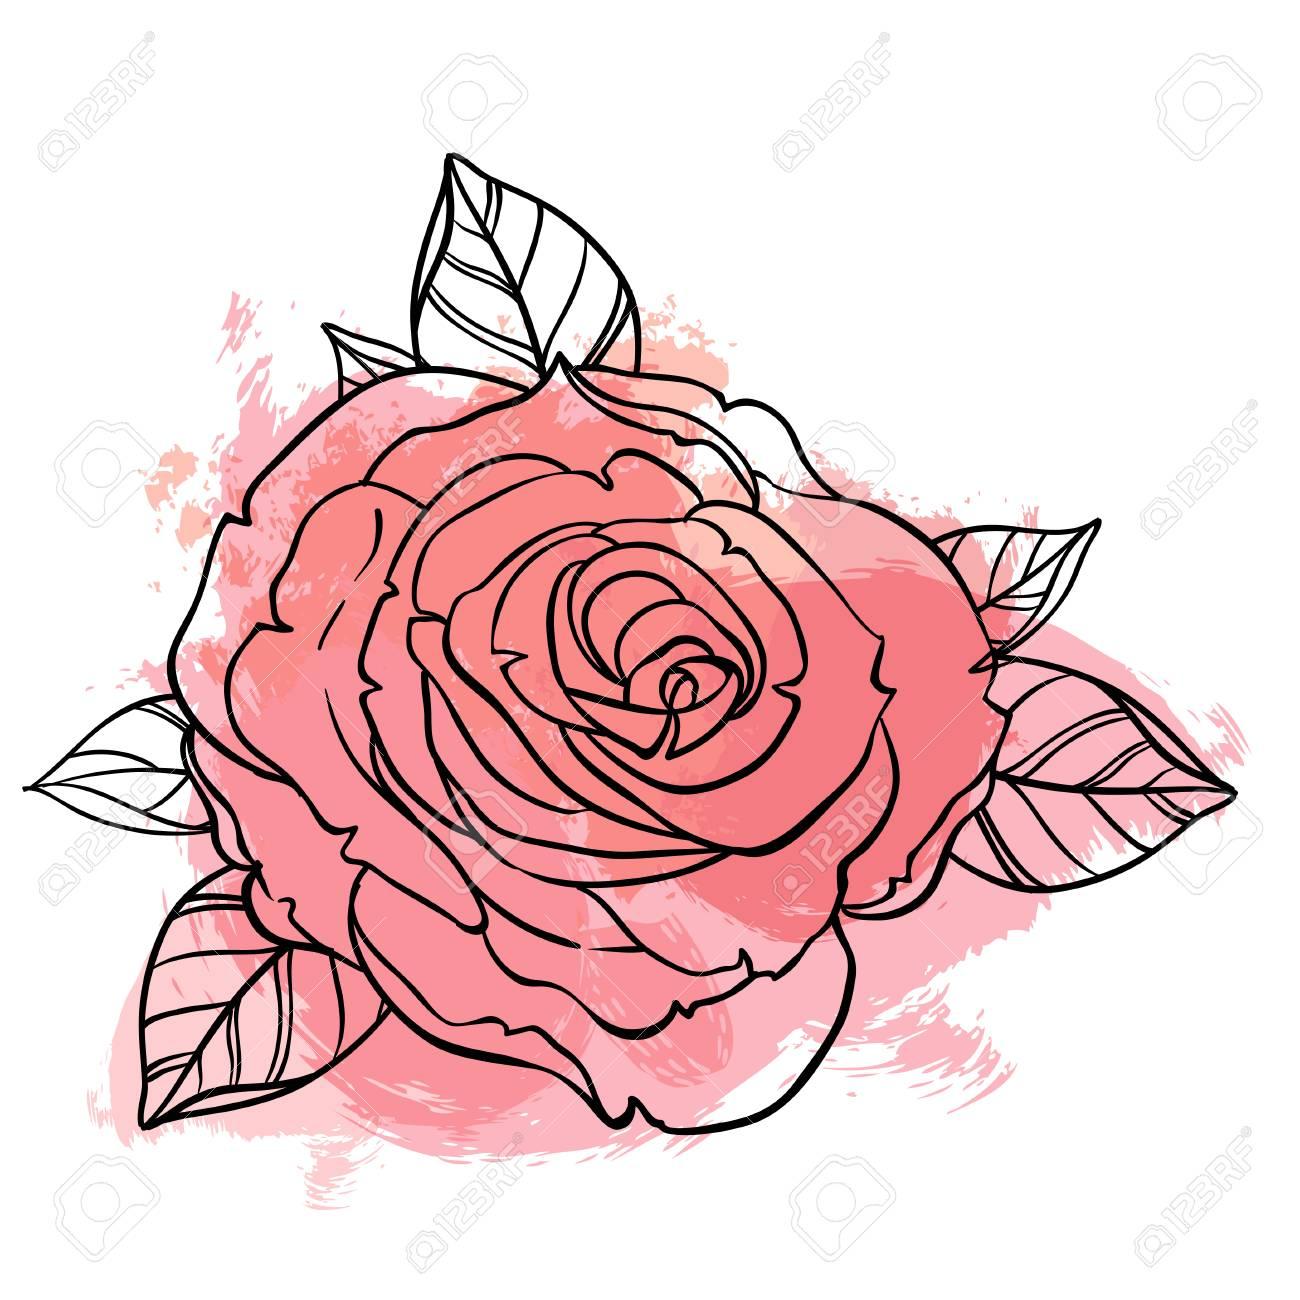 dibujo hermoso del ramo de las rosas en fondo amarillento del grunge